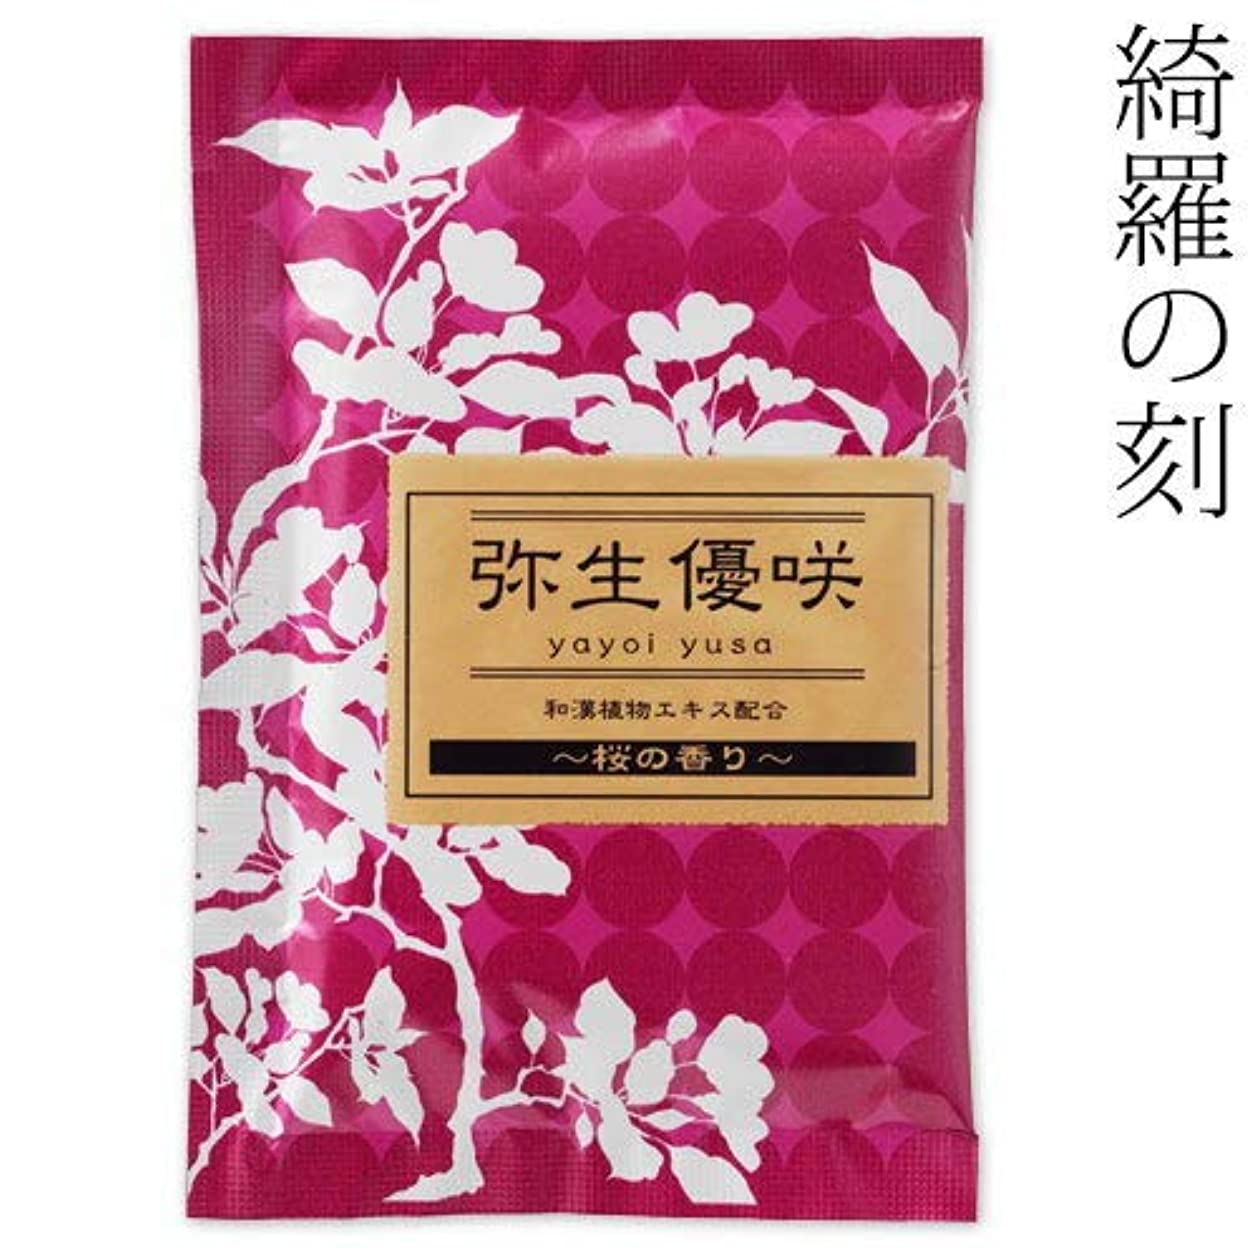 入浴剤綺羅の刻桜の香り弥生優咲1包石川県のお風呂グッズBath additive, Ishikawa craft